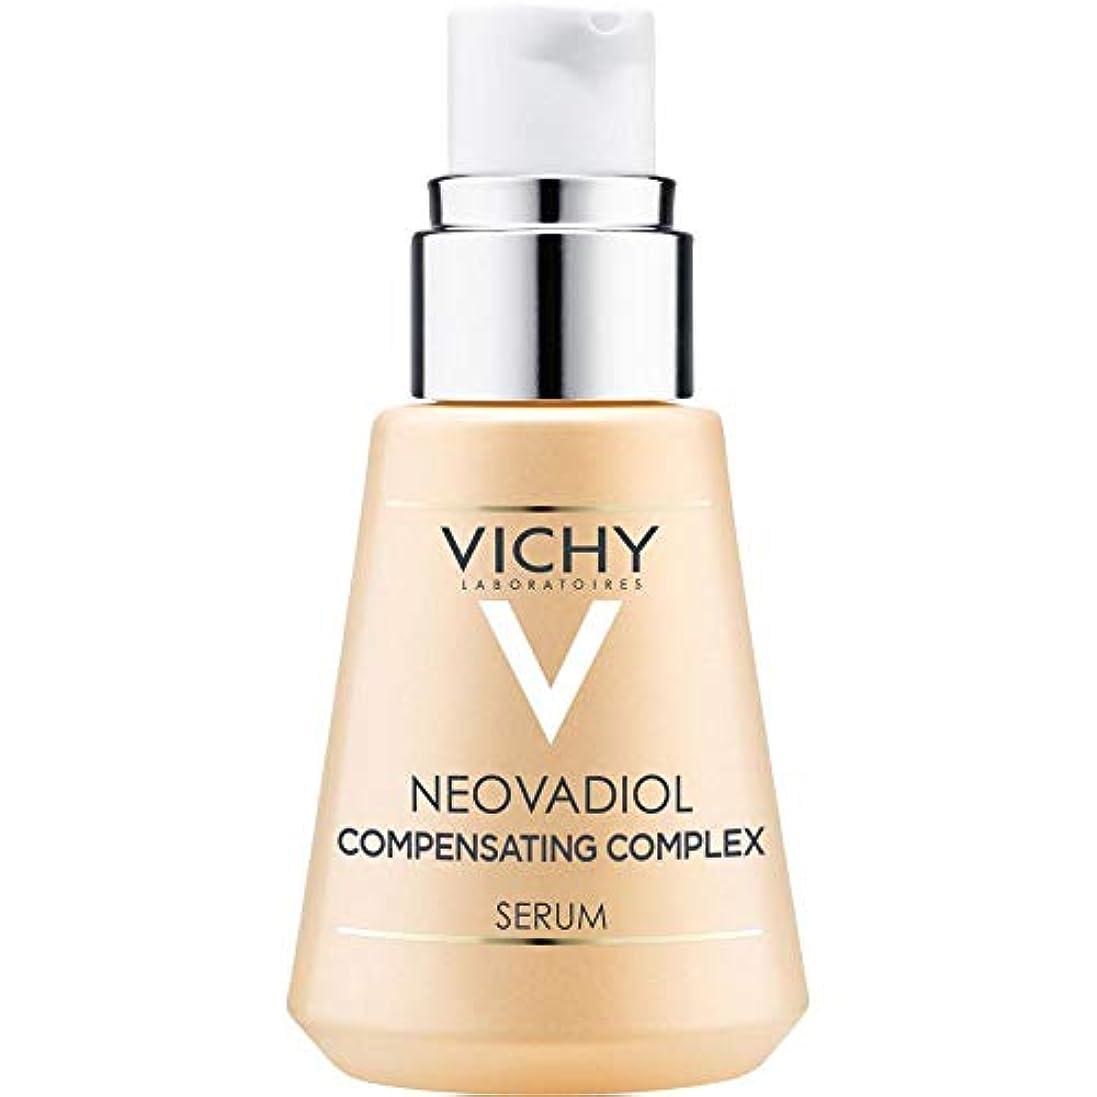 アリより多いじゃない[Vichy] 複雑なセラム30Mlを補償Neovadiolヴィシー - Vichy Neovadiol Compensating Complex Serum 30ml [並行輸入品]